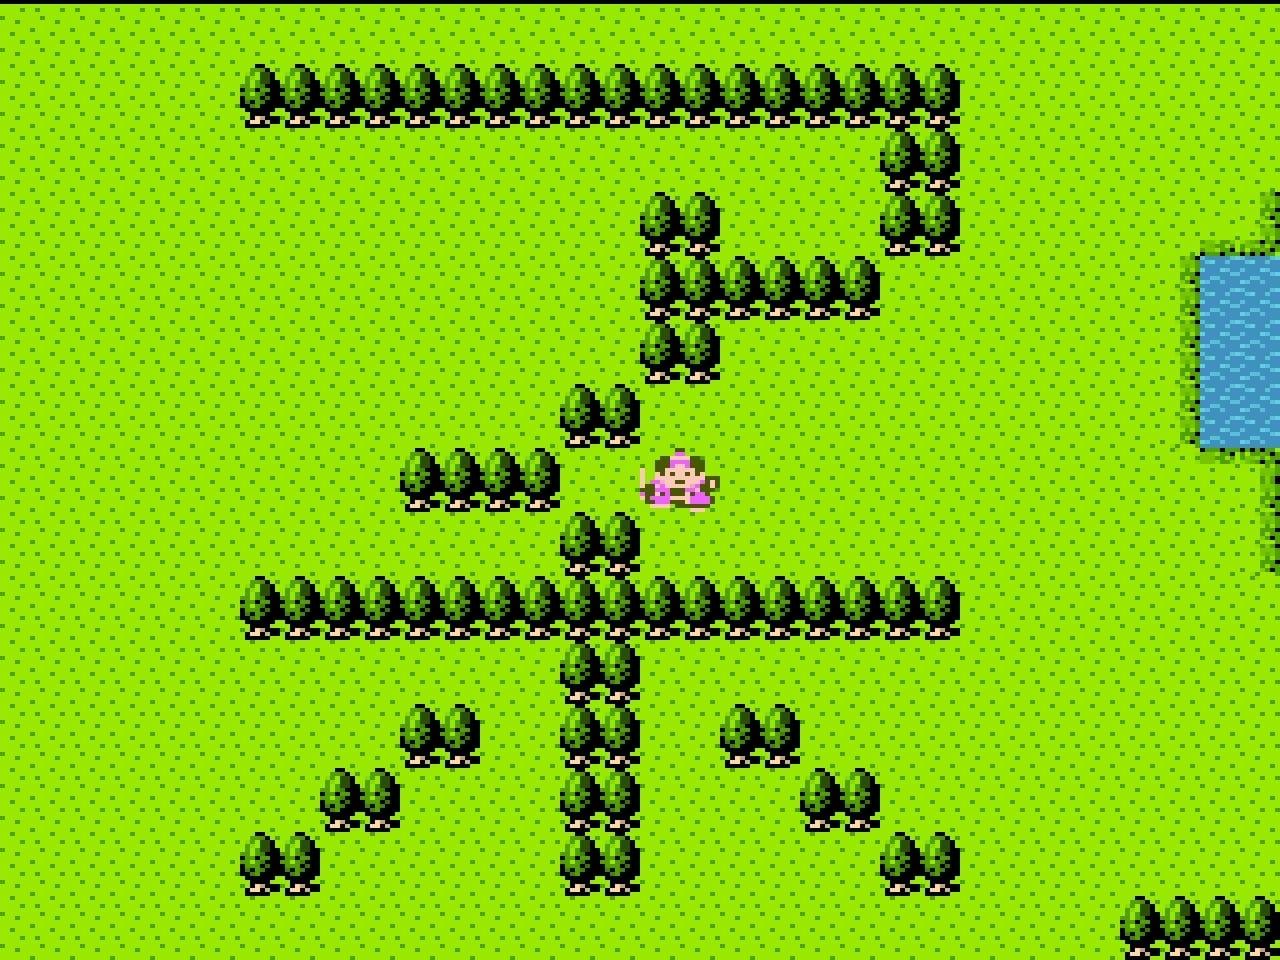 『がんばれゴエモン!』『桃太郎伝説』に『いっき』も! ファミコン時代の「好きだった和風ゲーム」ランキングの画像008